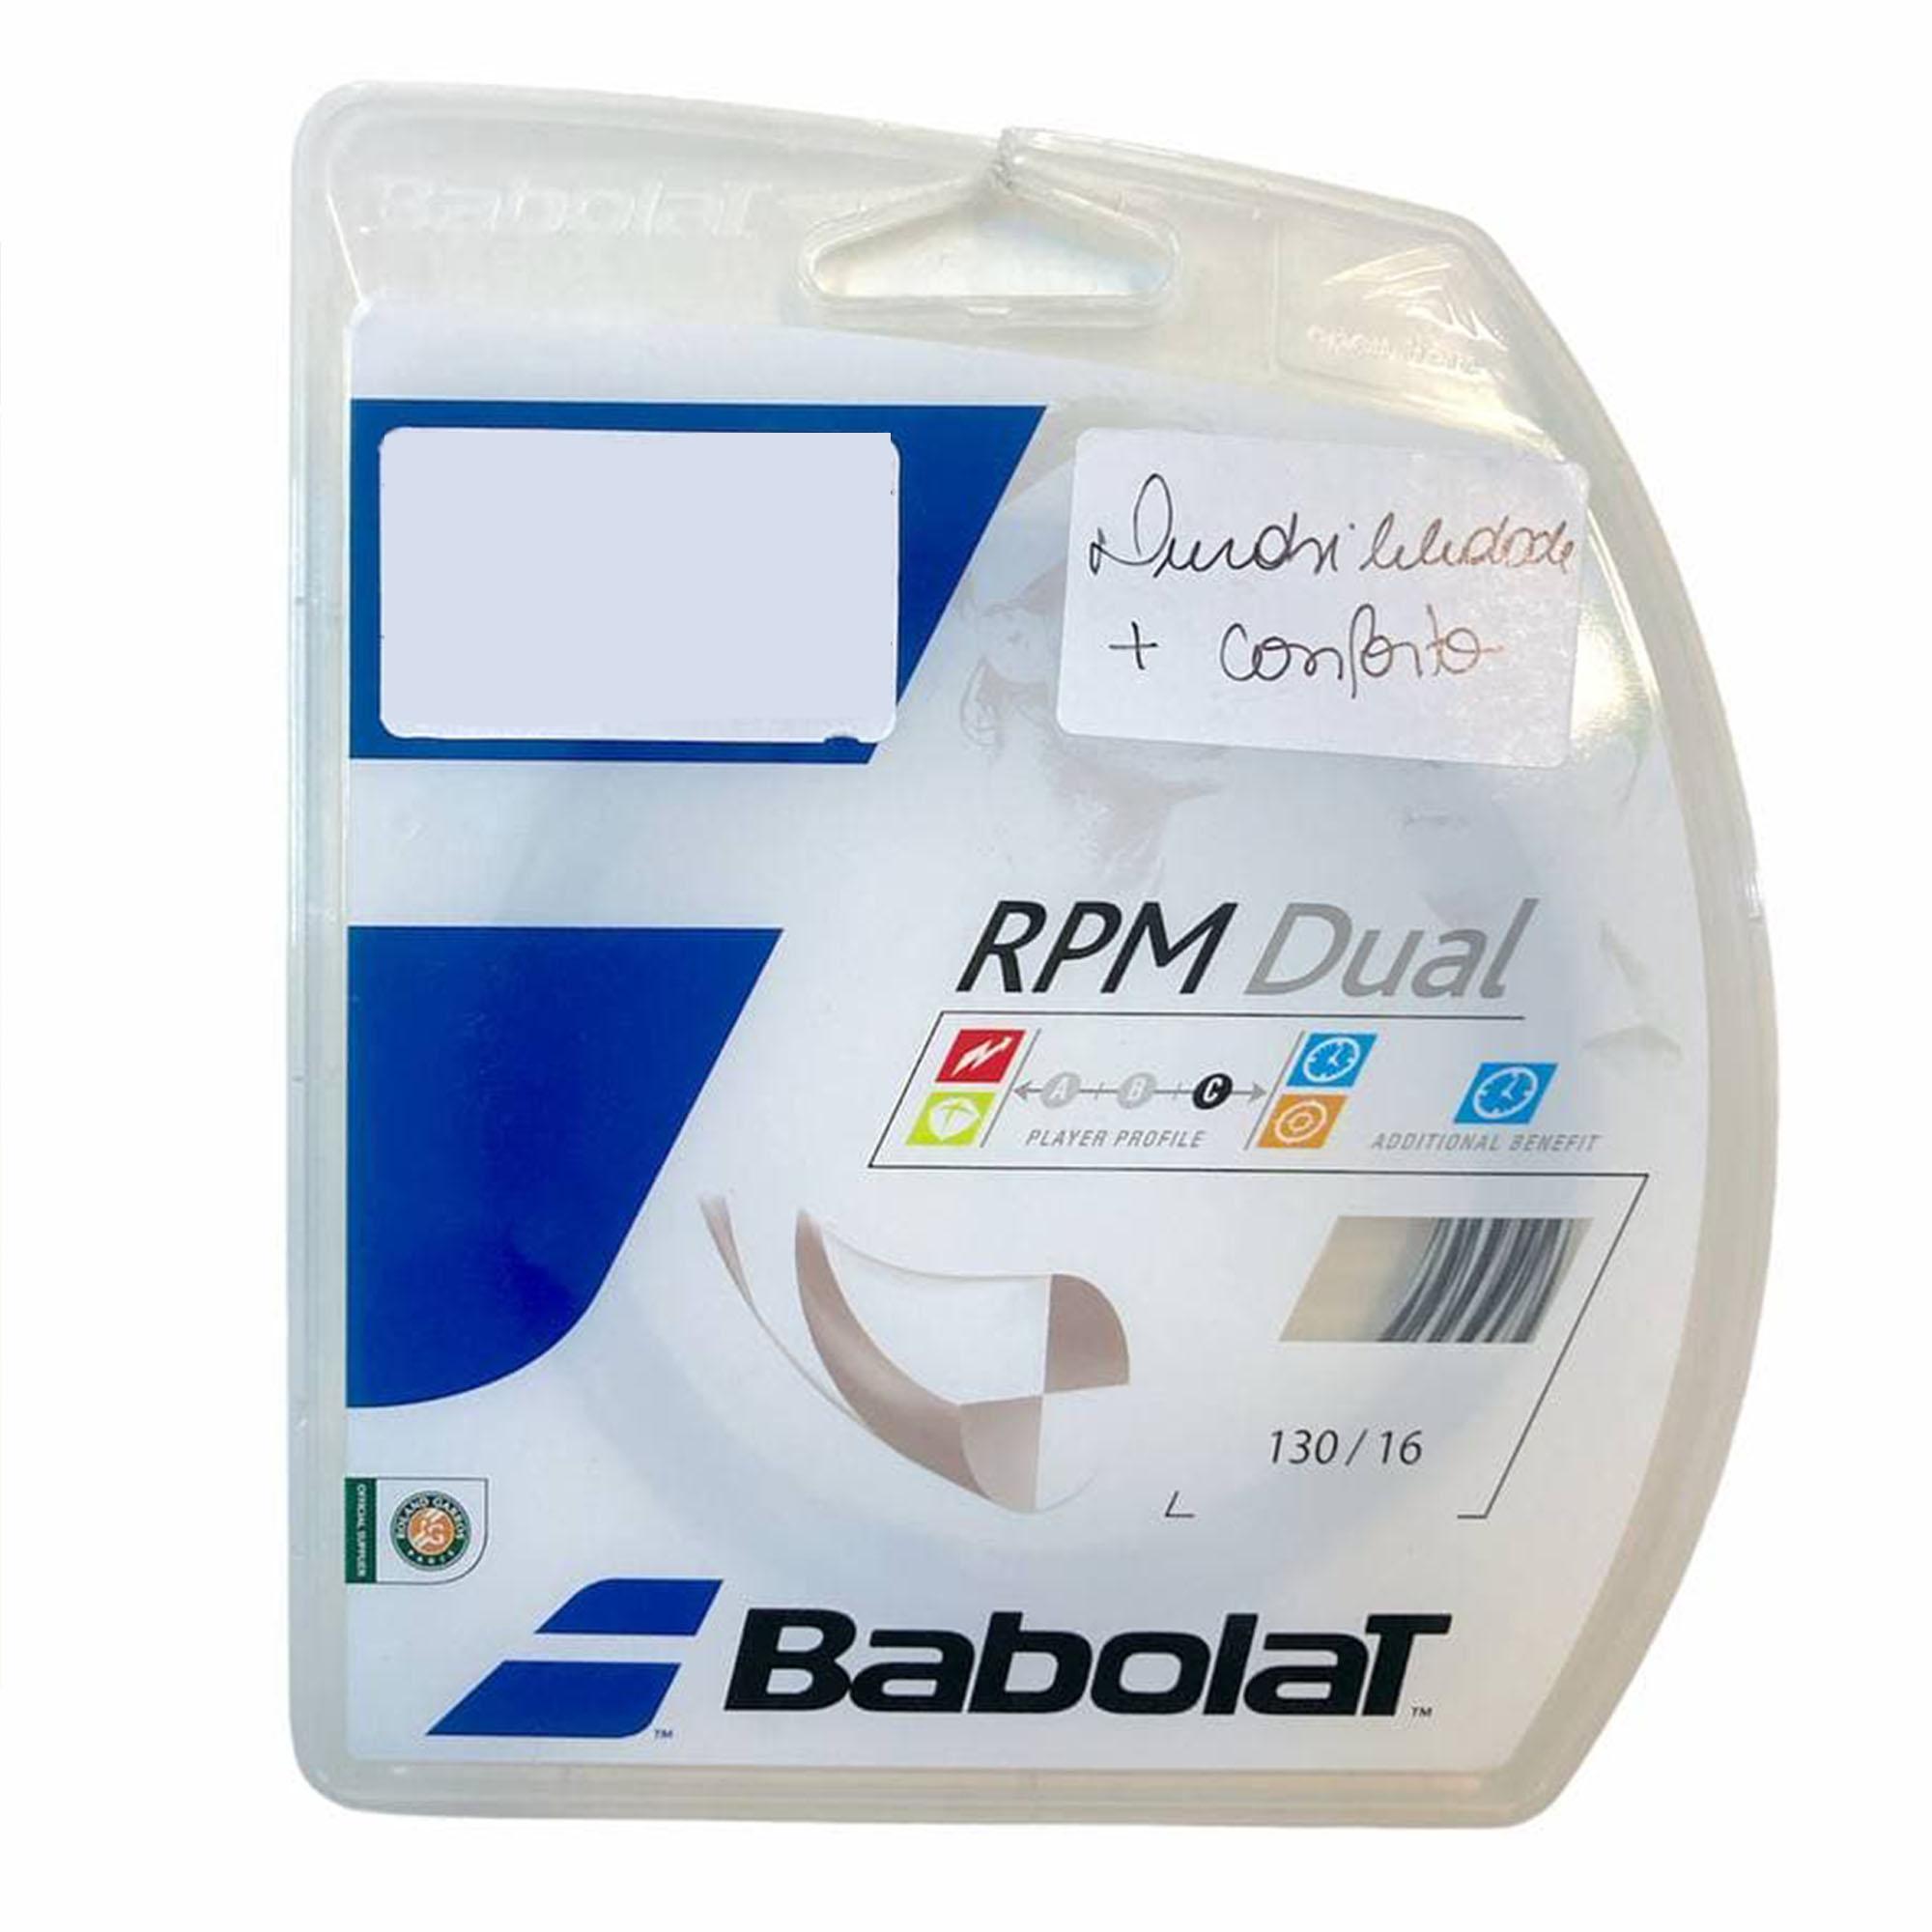 Corda Babolat RPM Dual 16L 1.30mm Preta - Set Individual